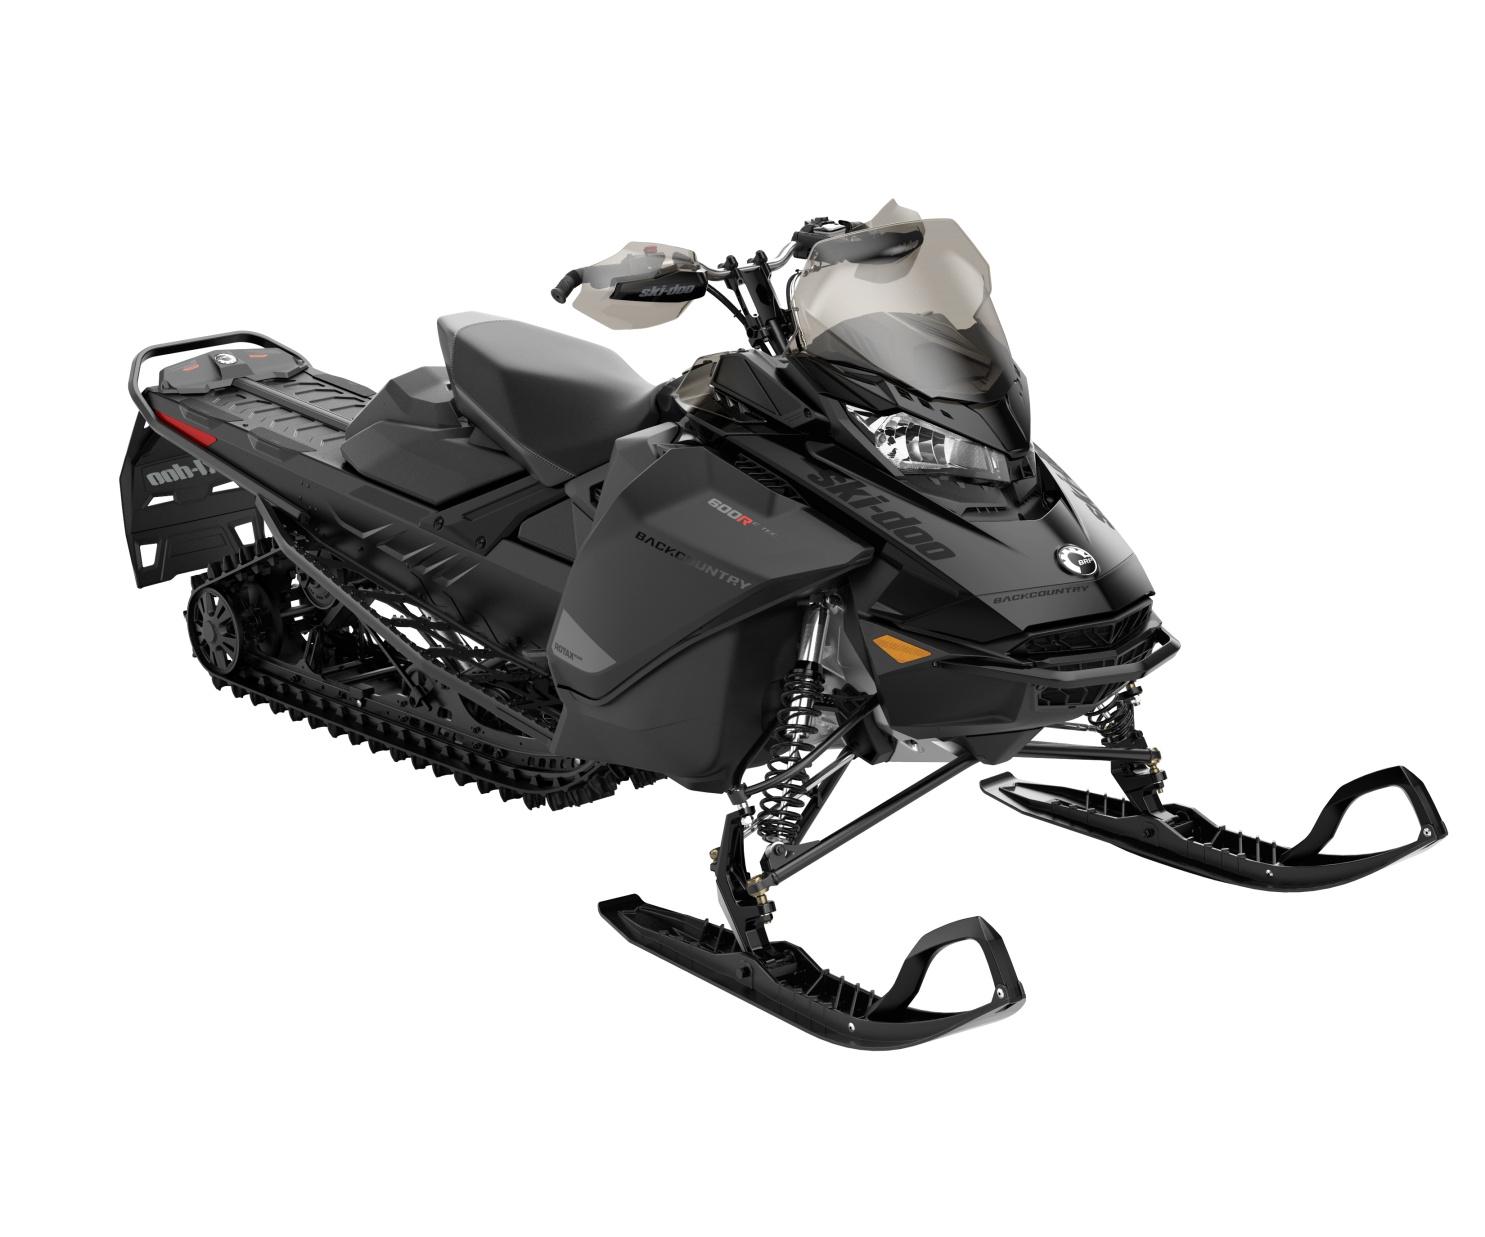 Ski-Doo backcountry 600r e-tec 2021